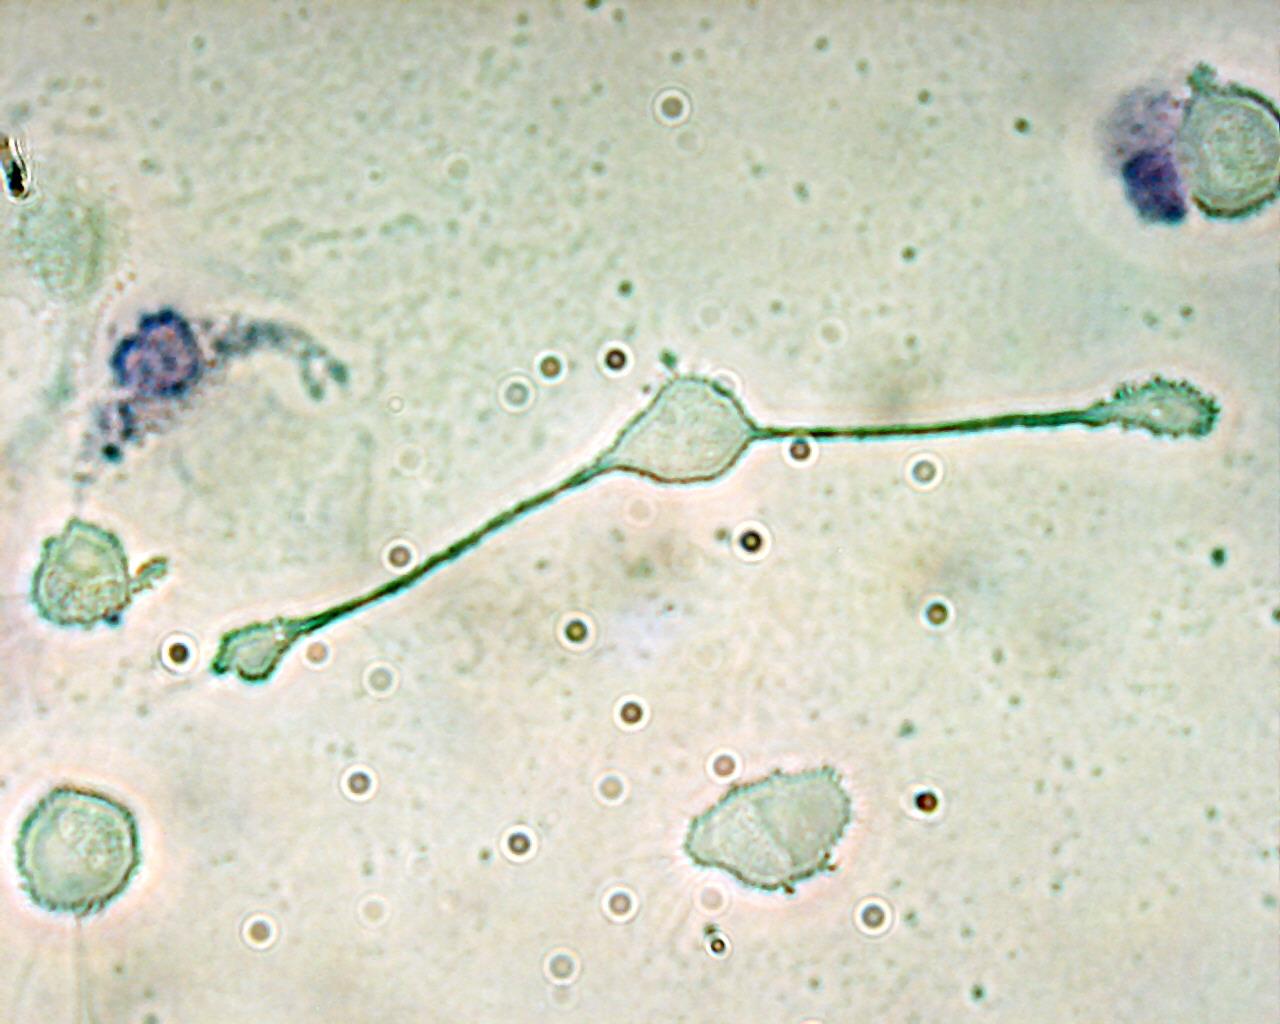 Vista microcópica de un macrófago, en este caso de un ratón